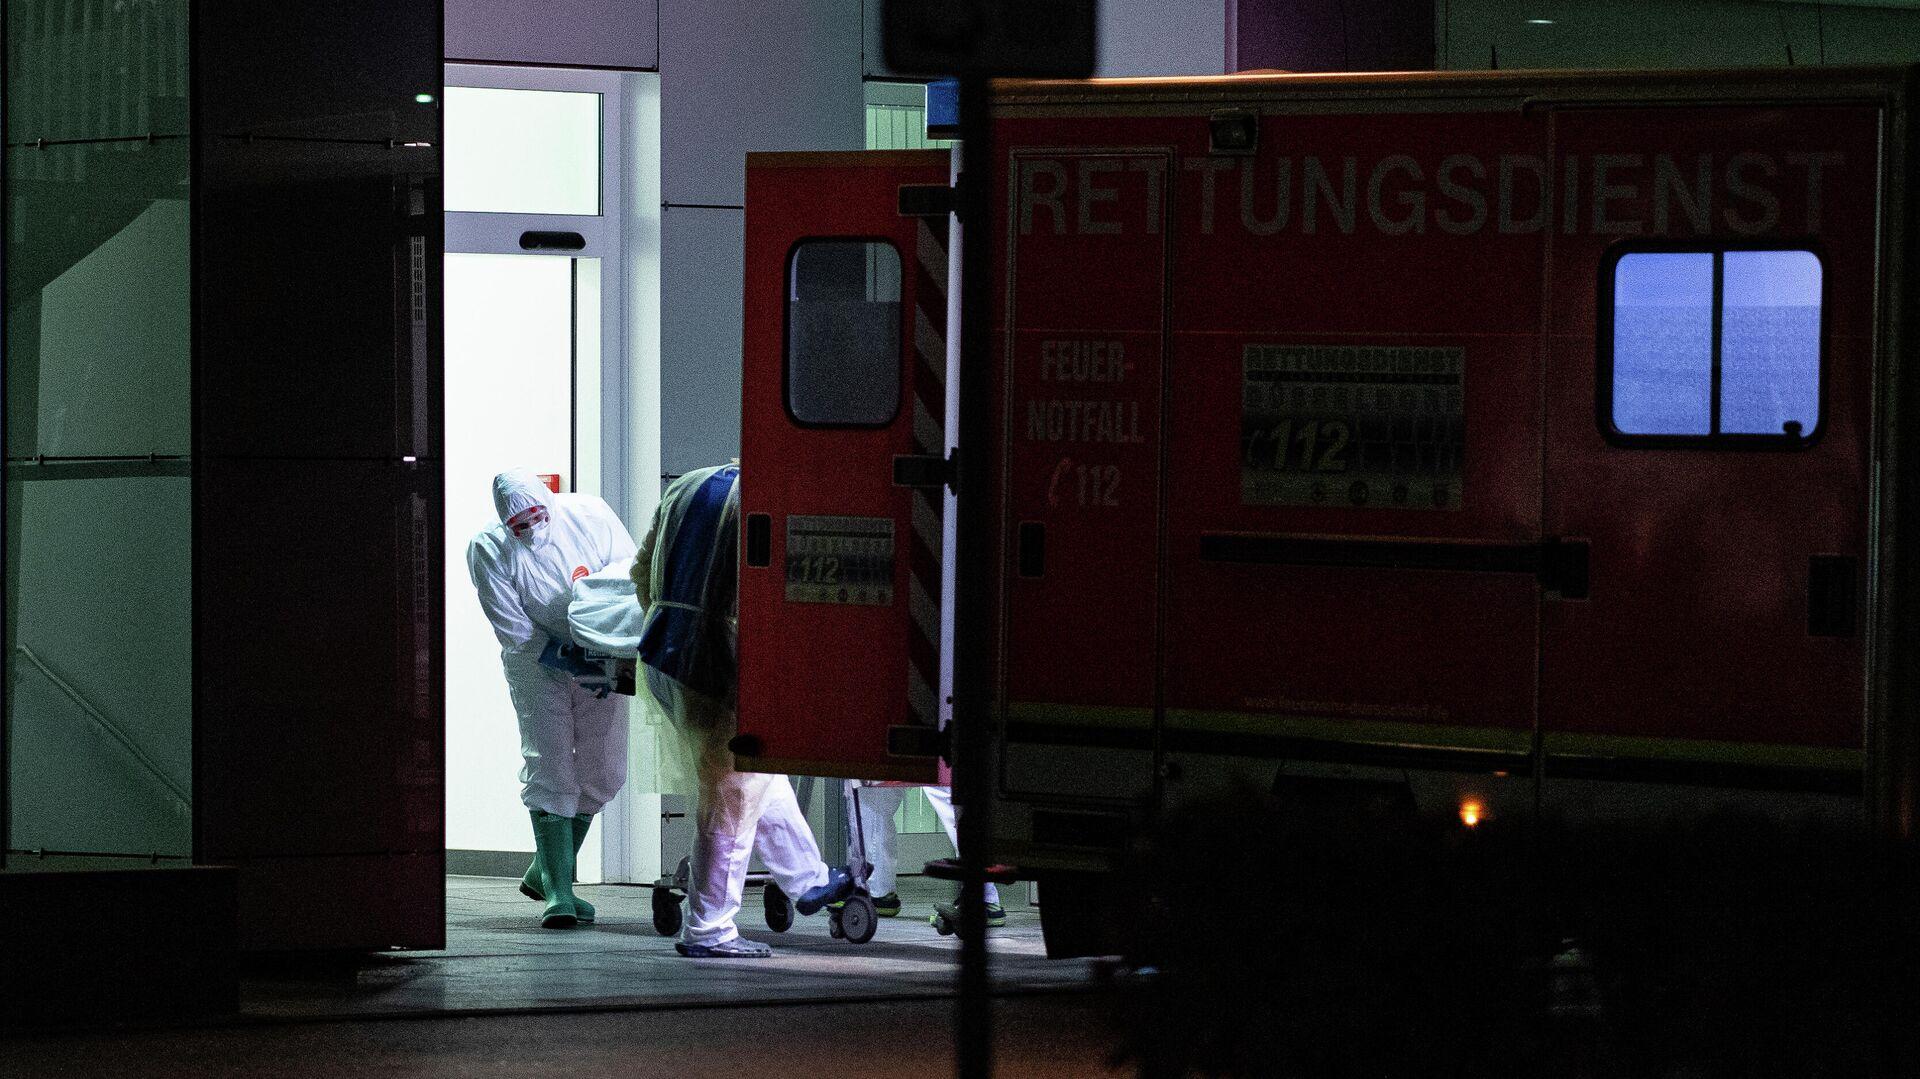 В Германии число умерших от COVID-19 превысило 40 тысяч